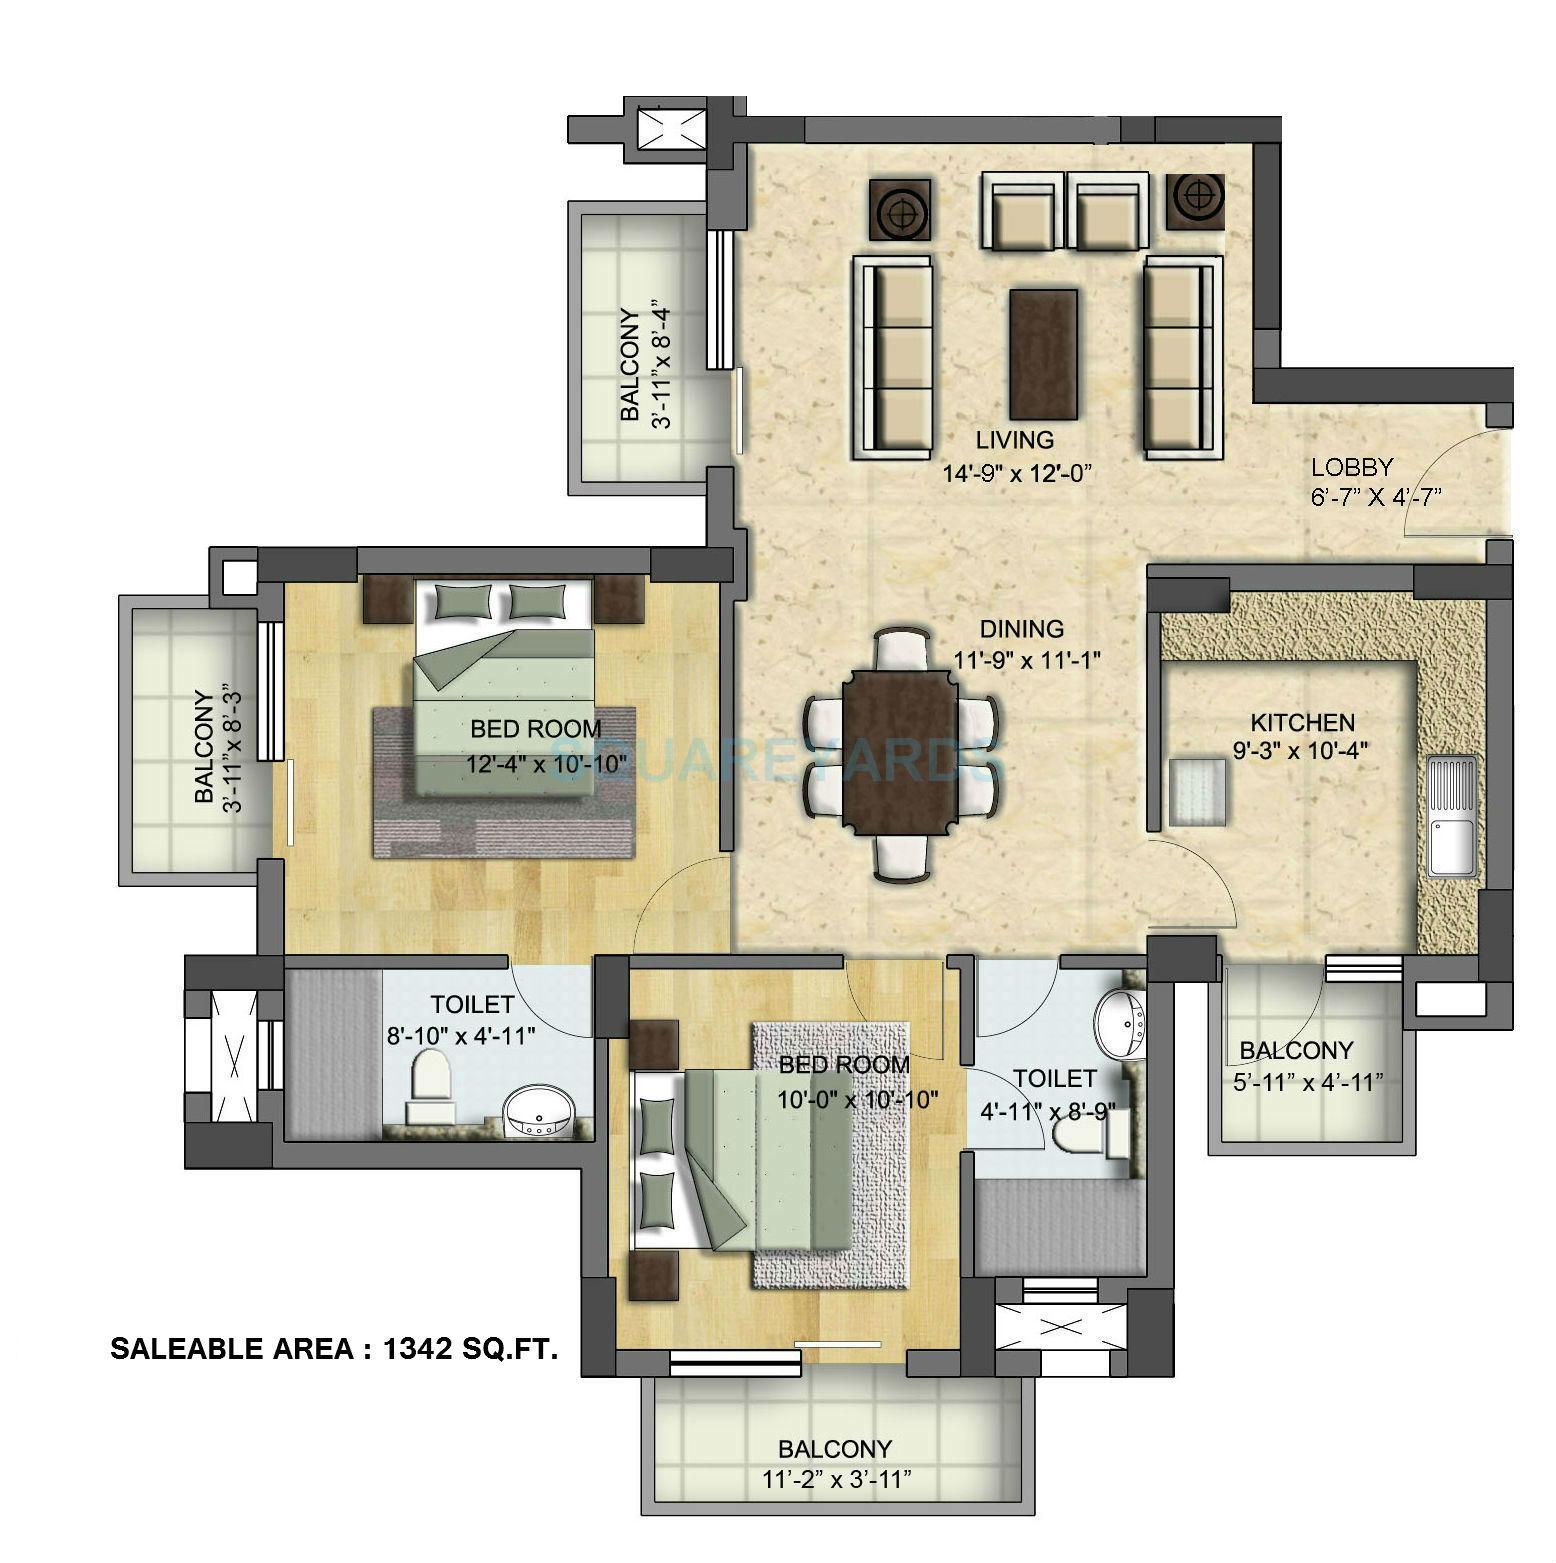 bptp grandeura apartment 2bhk 1342sqft 1